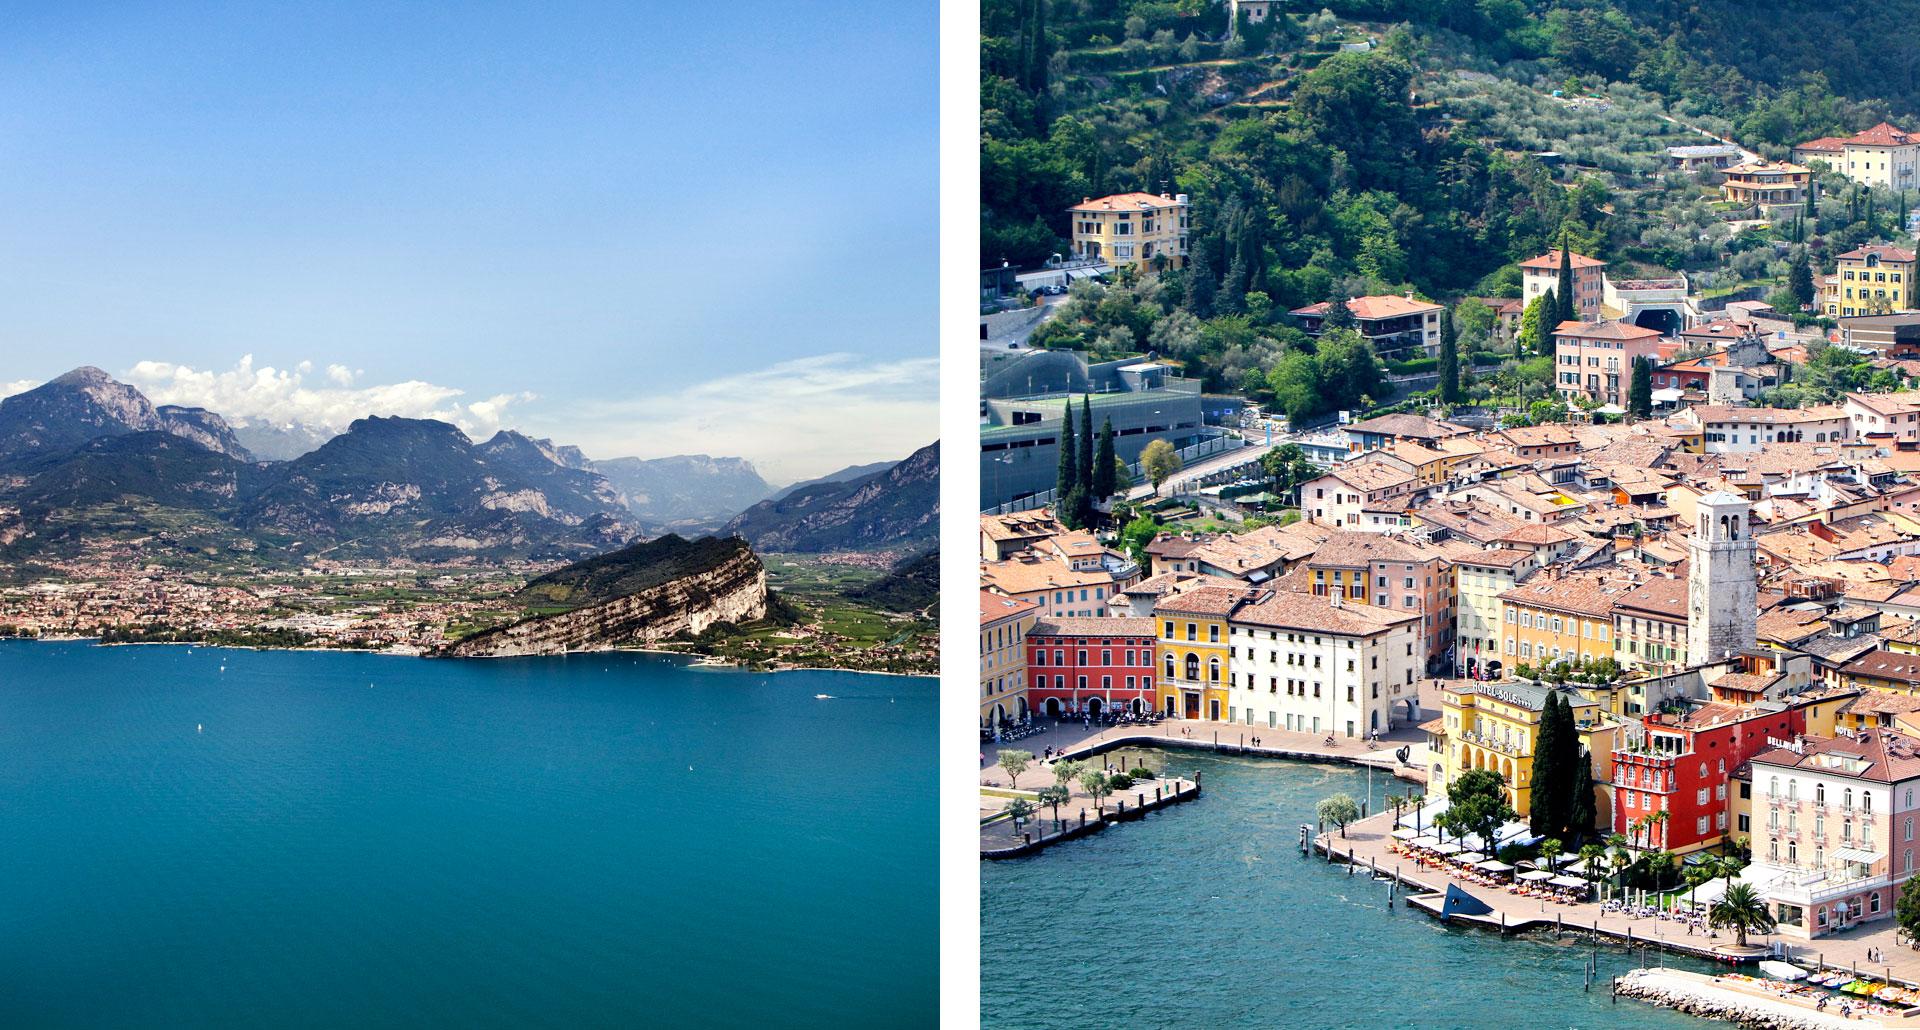 LIDO PALACE - boutique hotel in Lake Garda